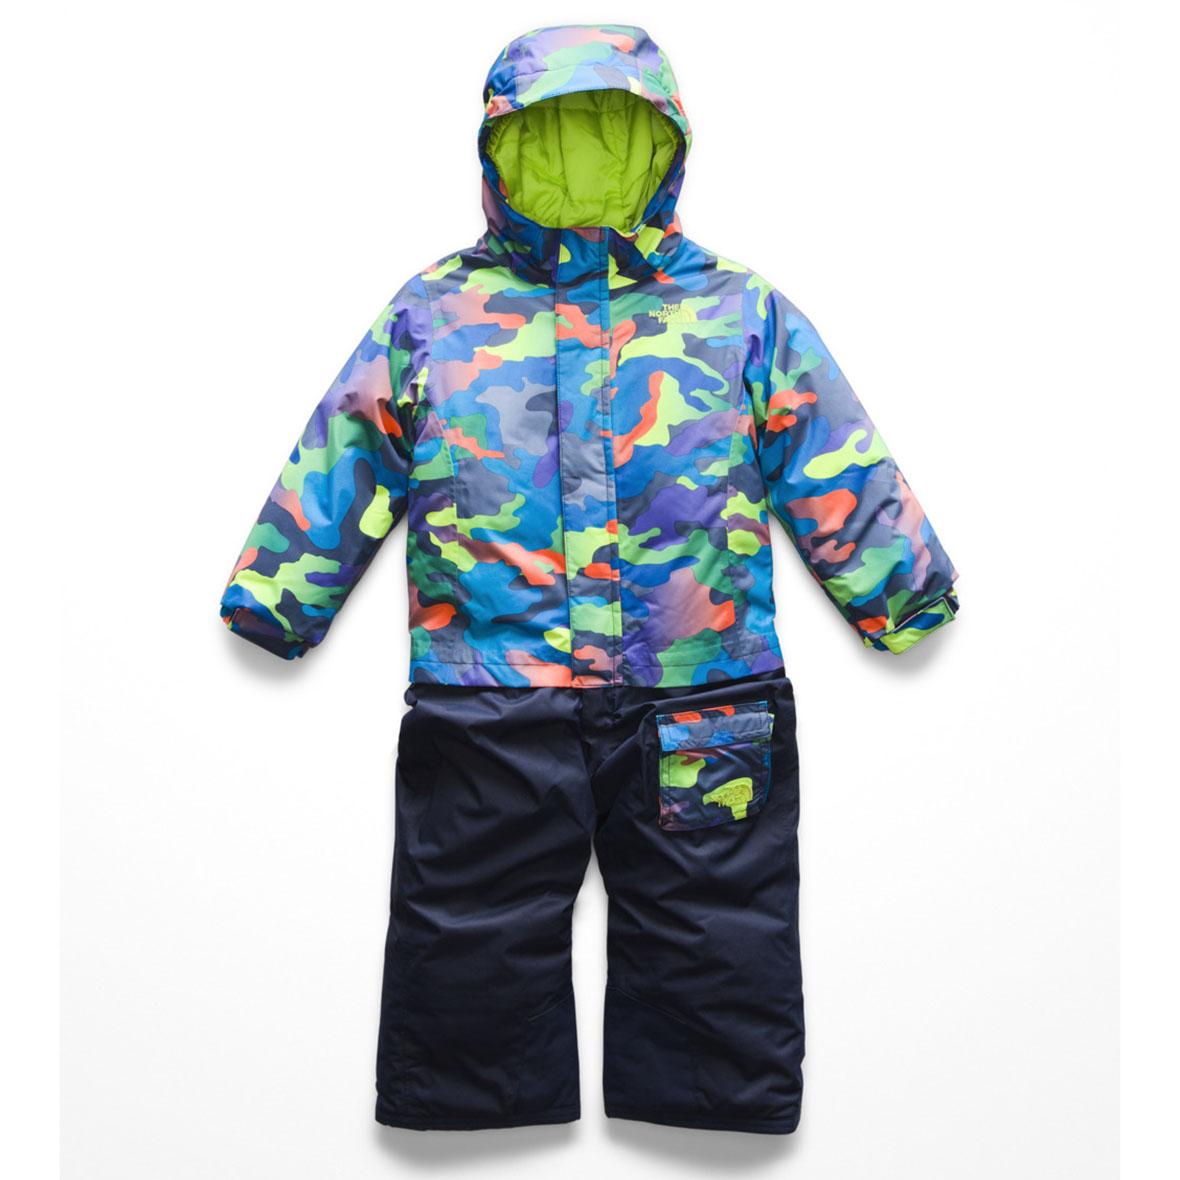 c4c6163e0 Boys   2-6  Insulated One-Piece Snowsuit